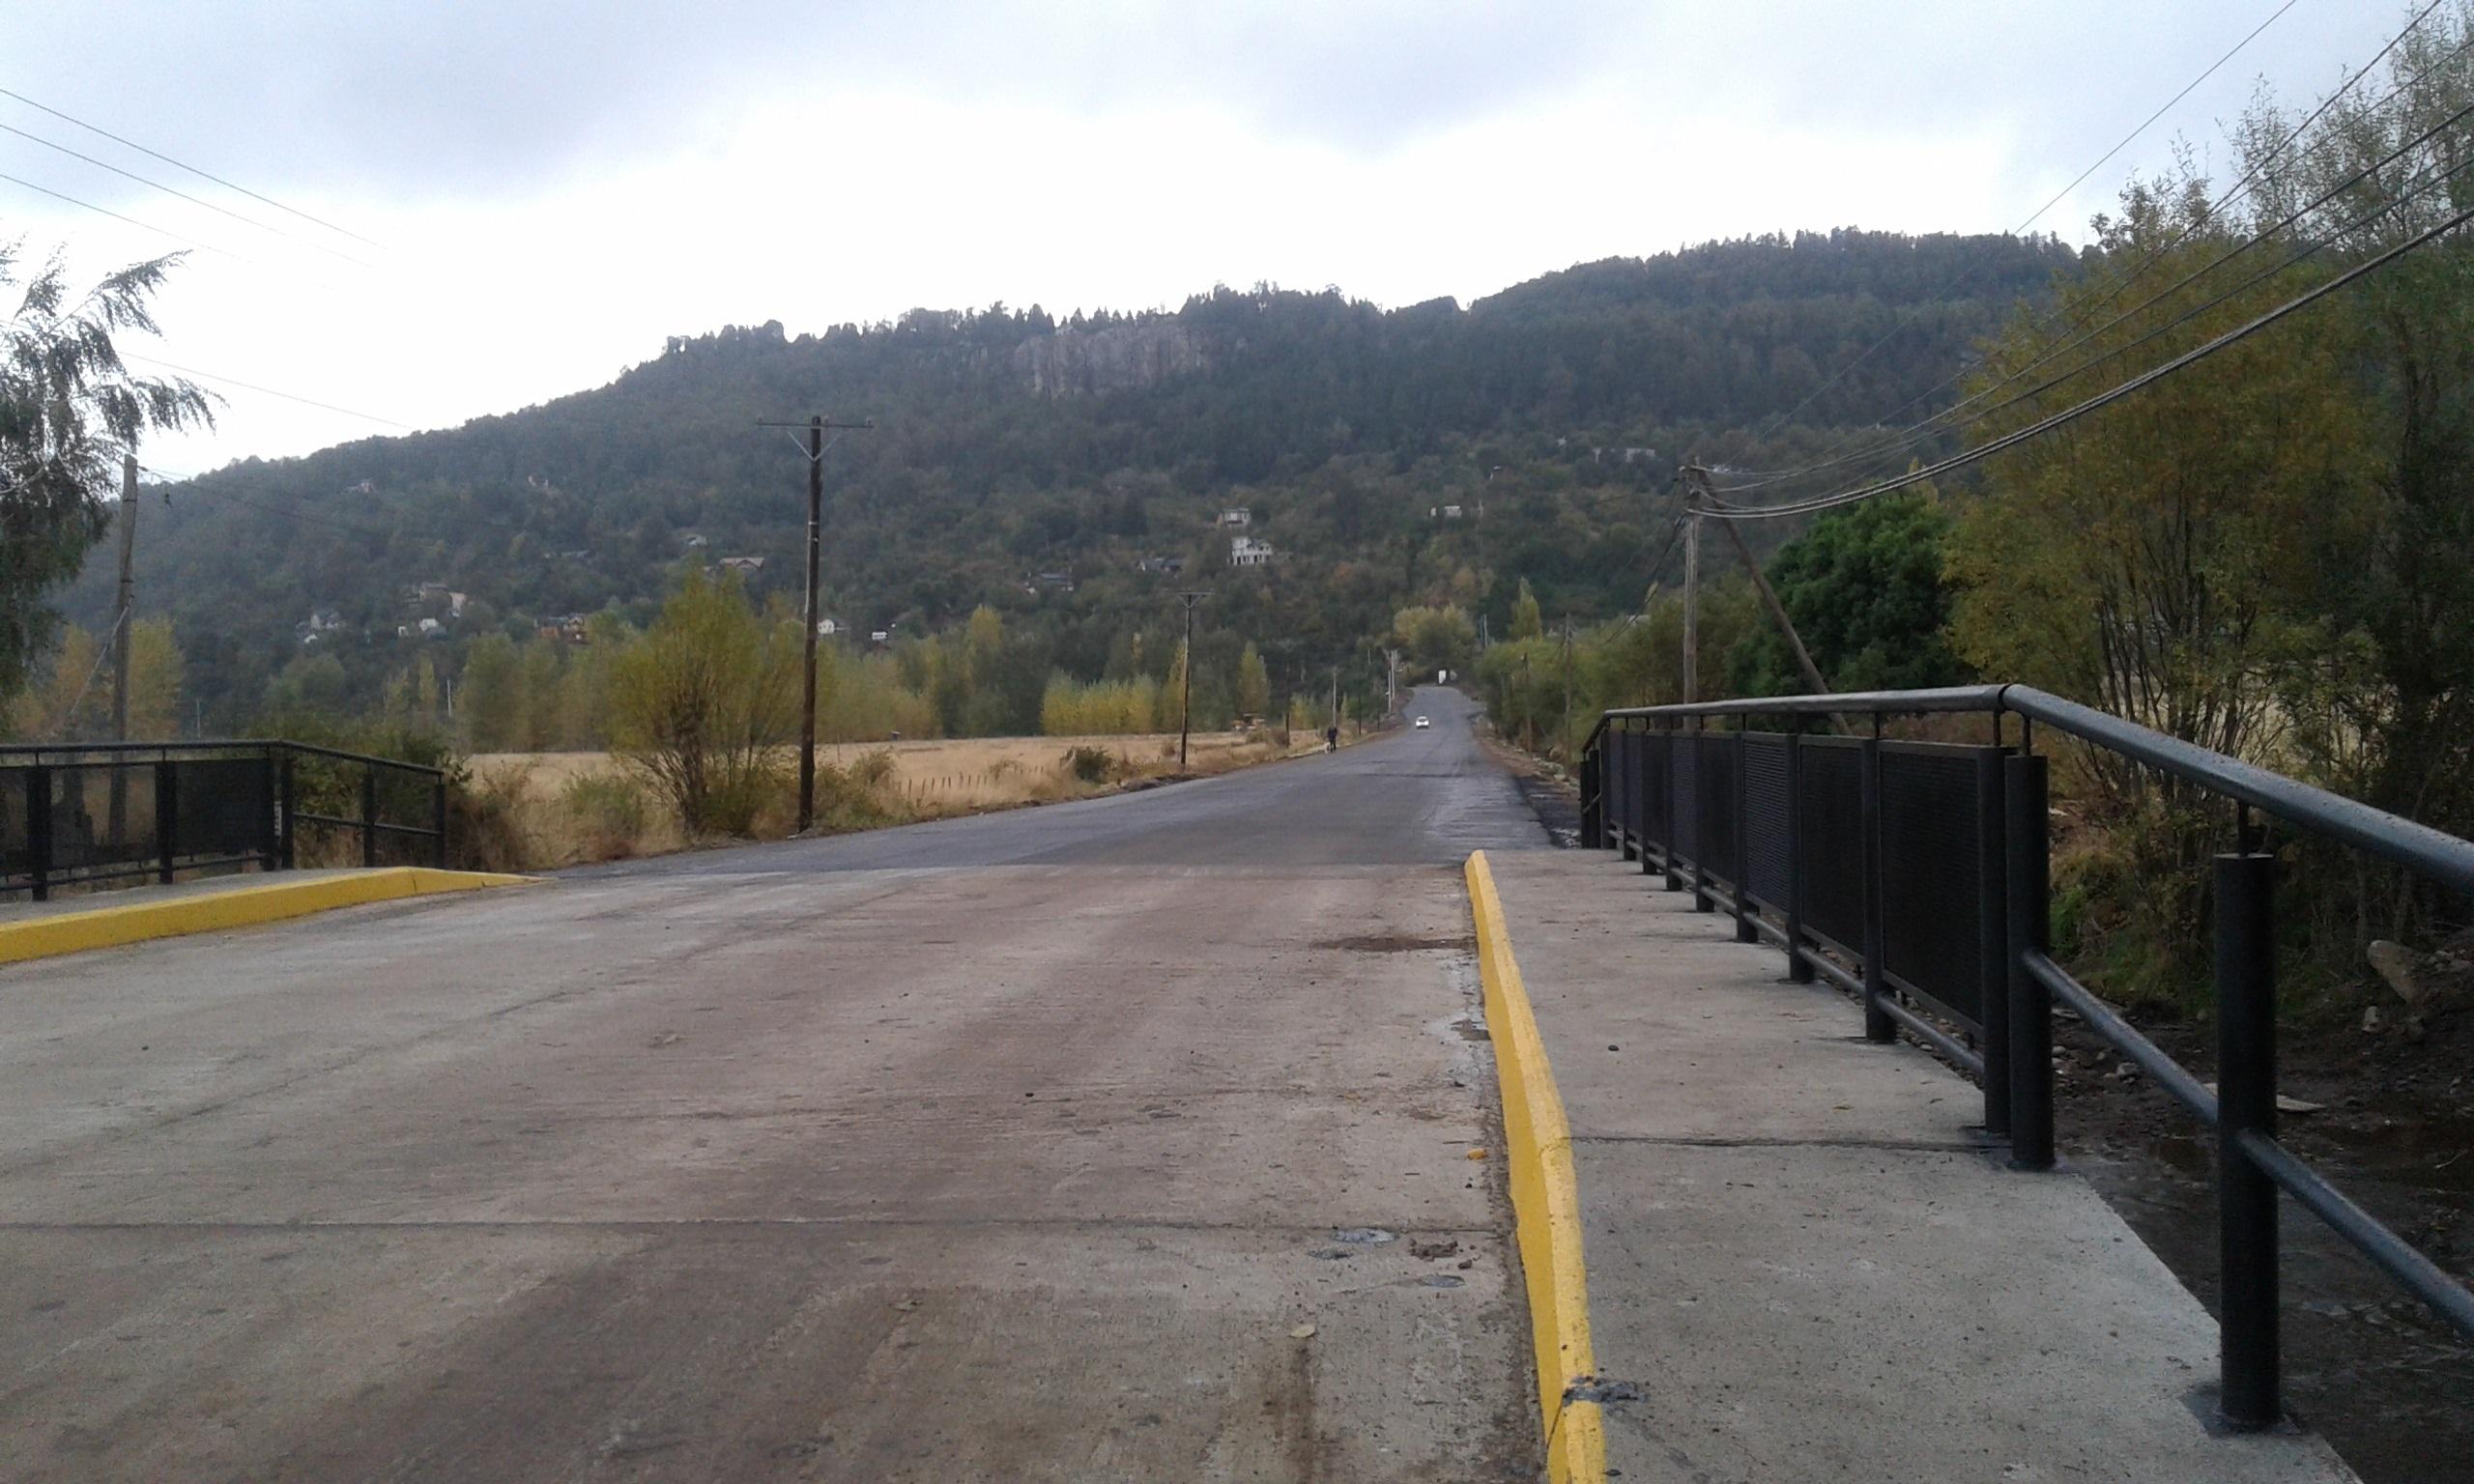 puente terminado y ruta mejor